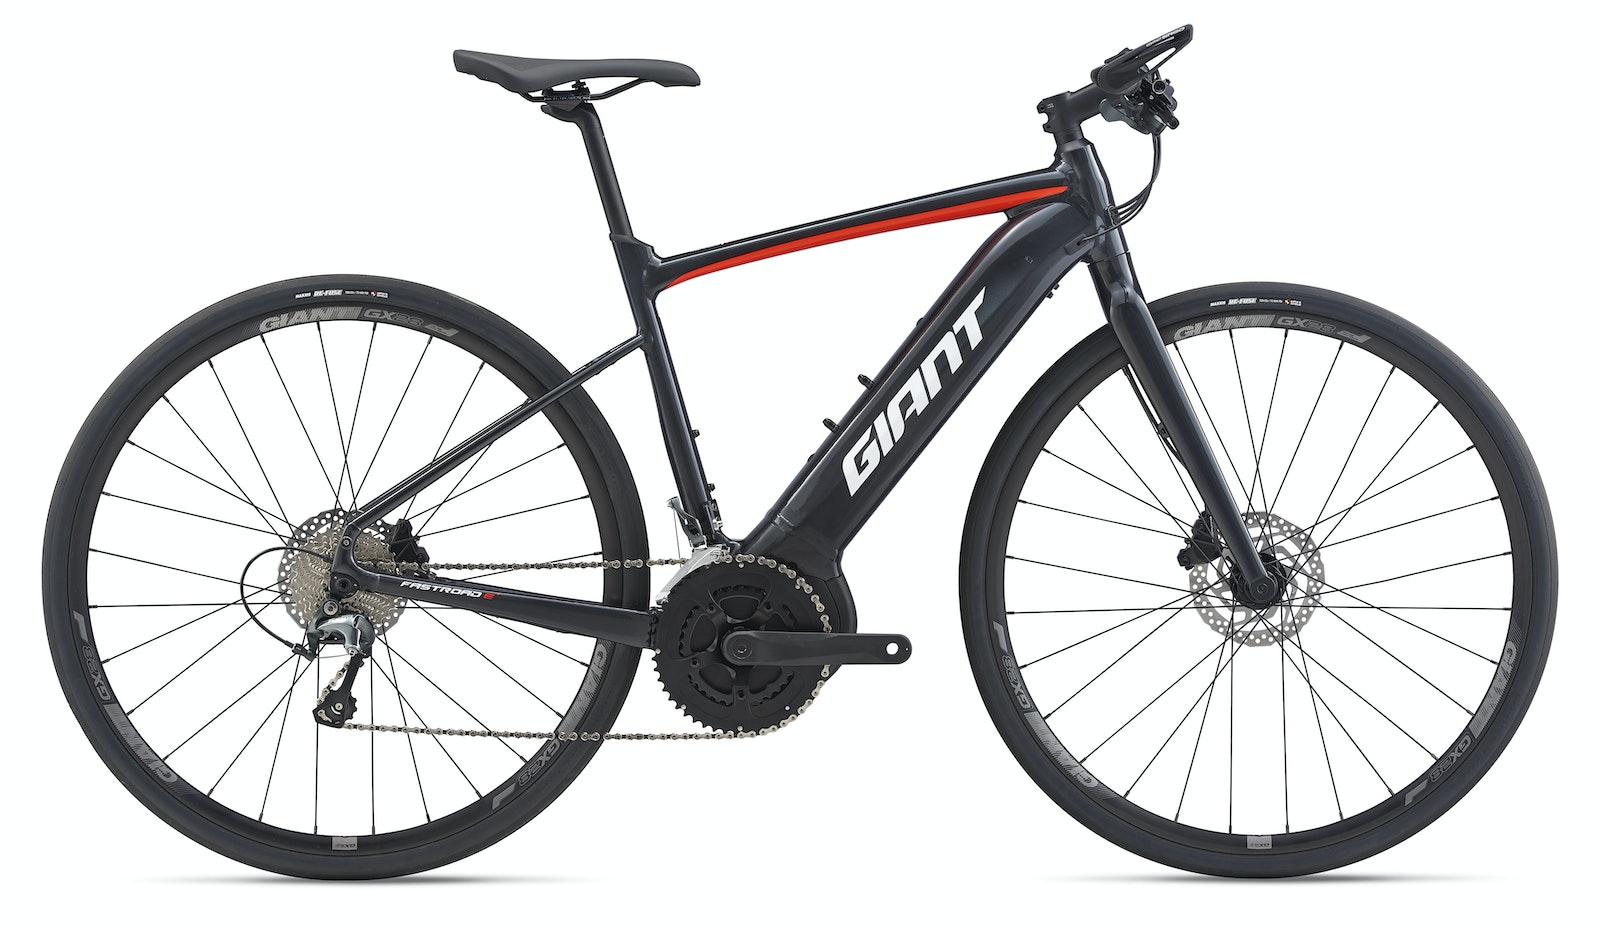 Giant Fastroad E 2 Pro 2020 City E Bikes For Sale In St